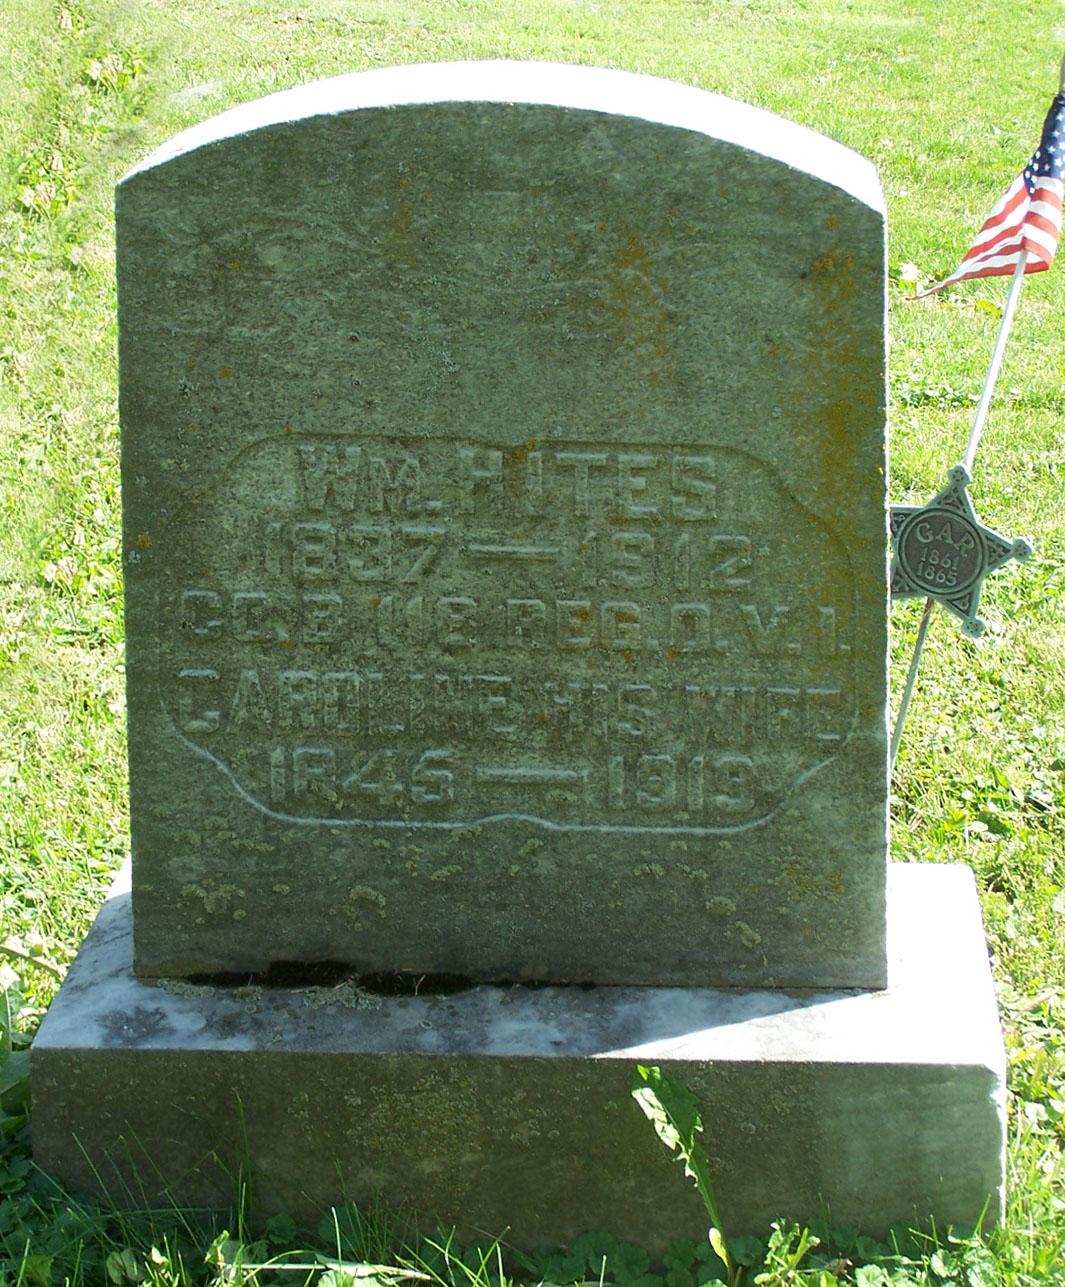 William Hites